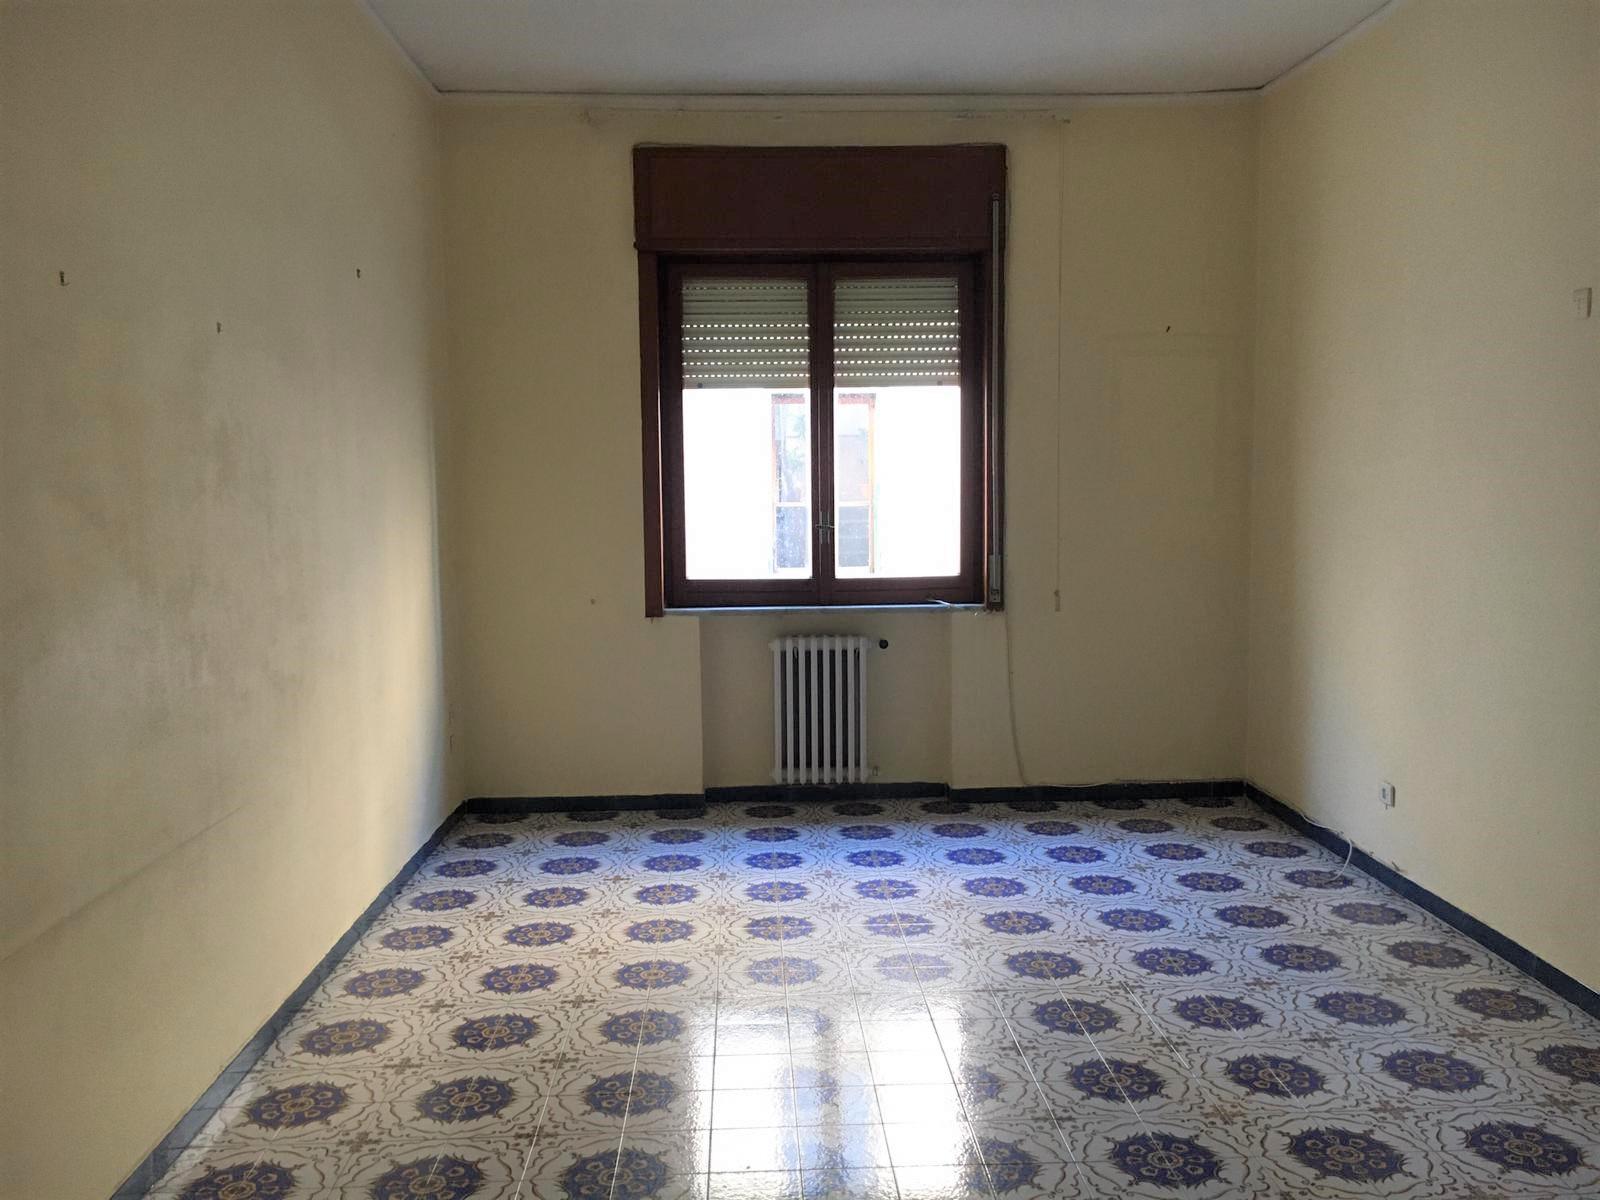 Appartamento in vendita a Ottaviano, 2 locali, prezzo € 110.000 | CambioCasa.it